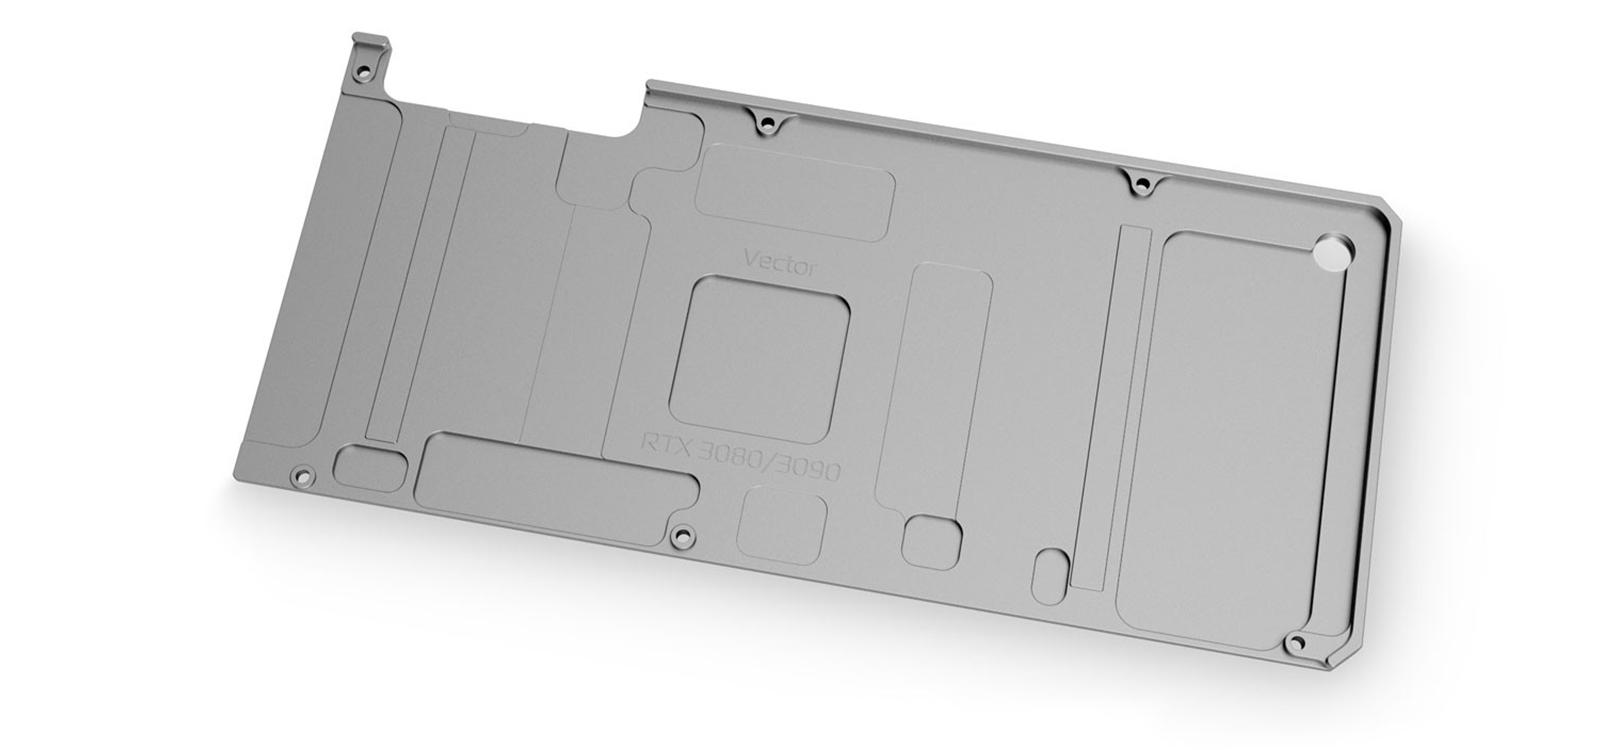 EK-Quantum Vector RTX 3080/3090 Backplate - Nickel1